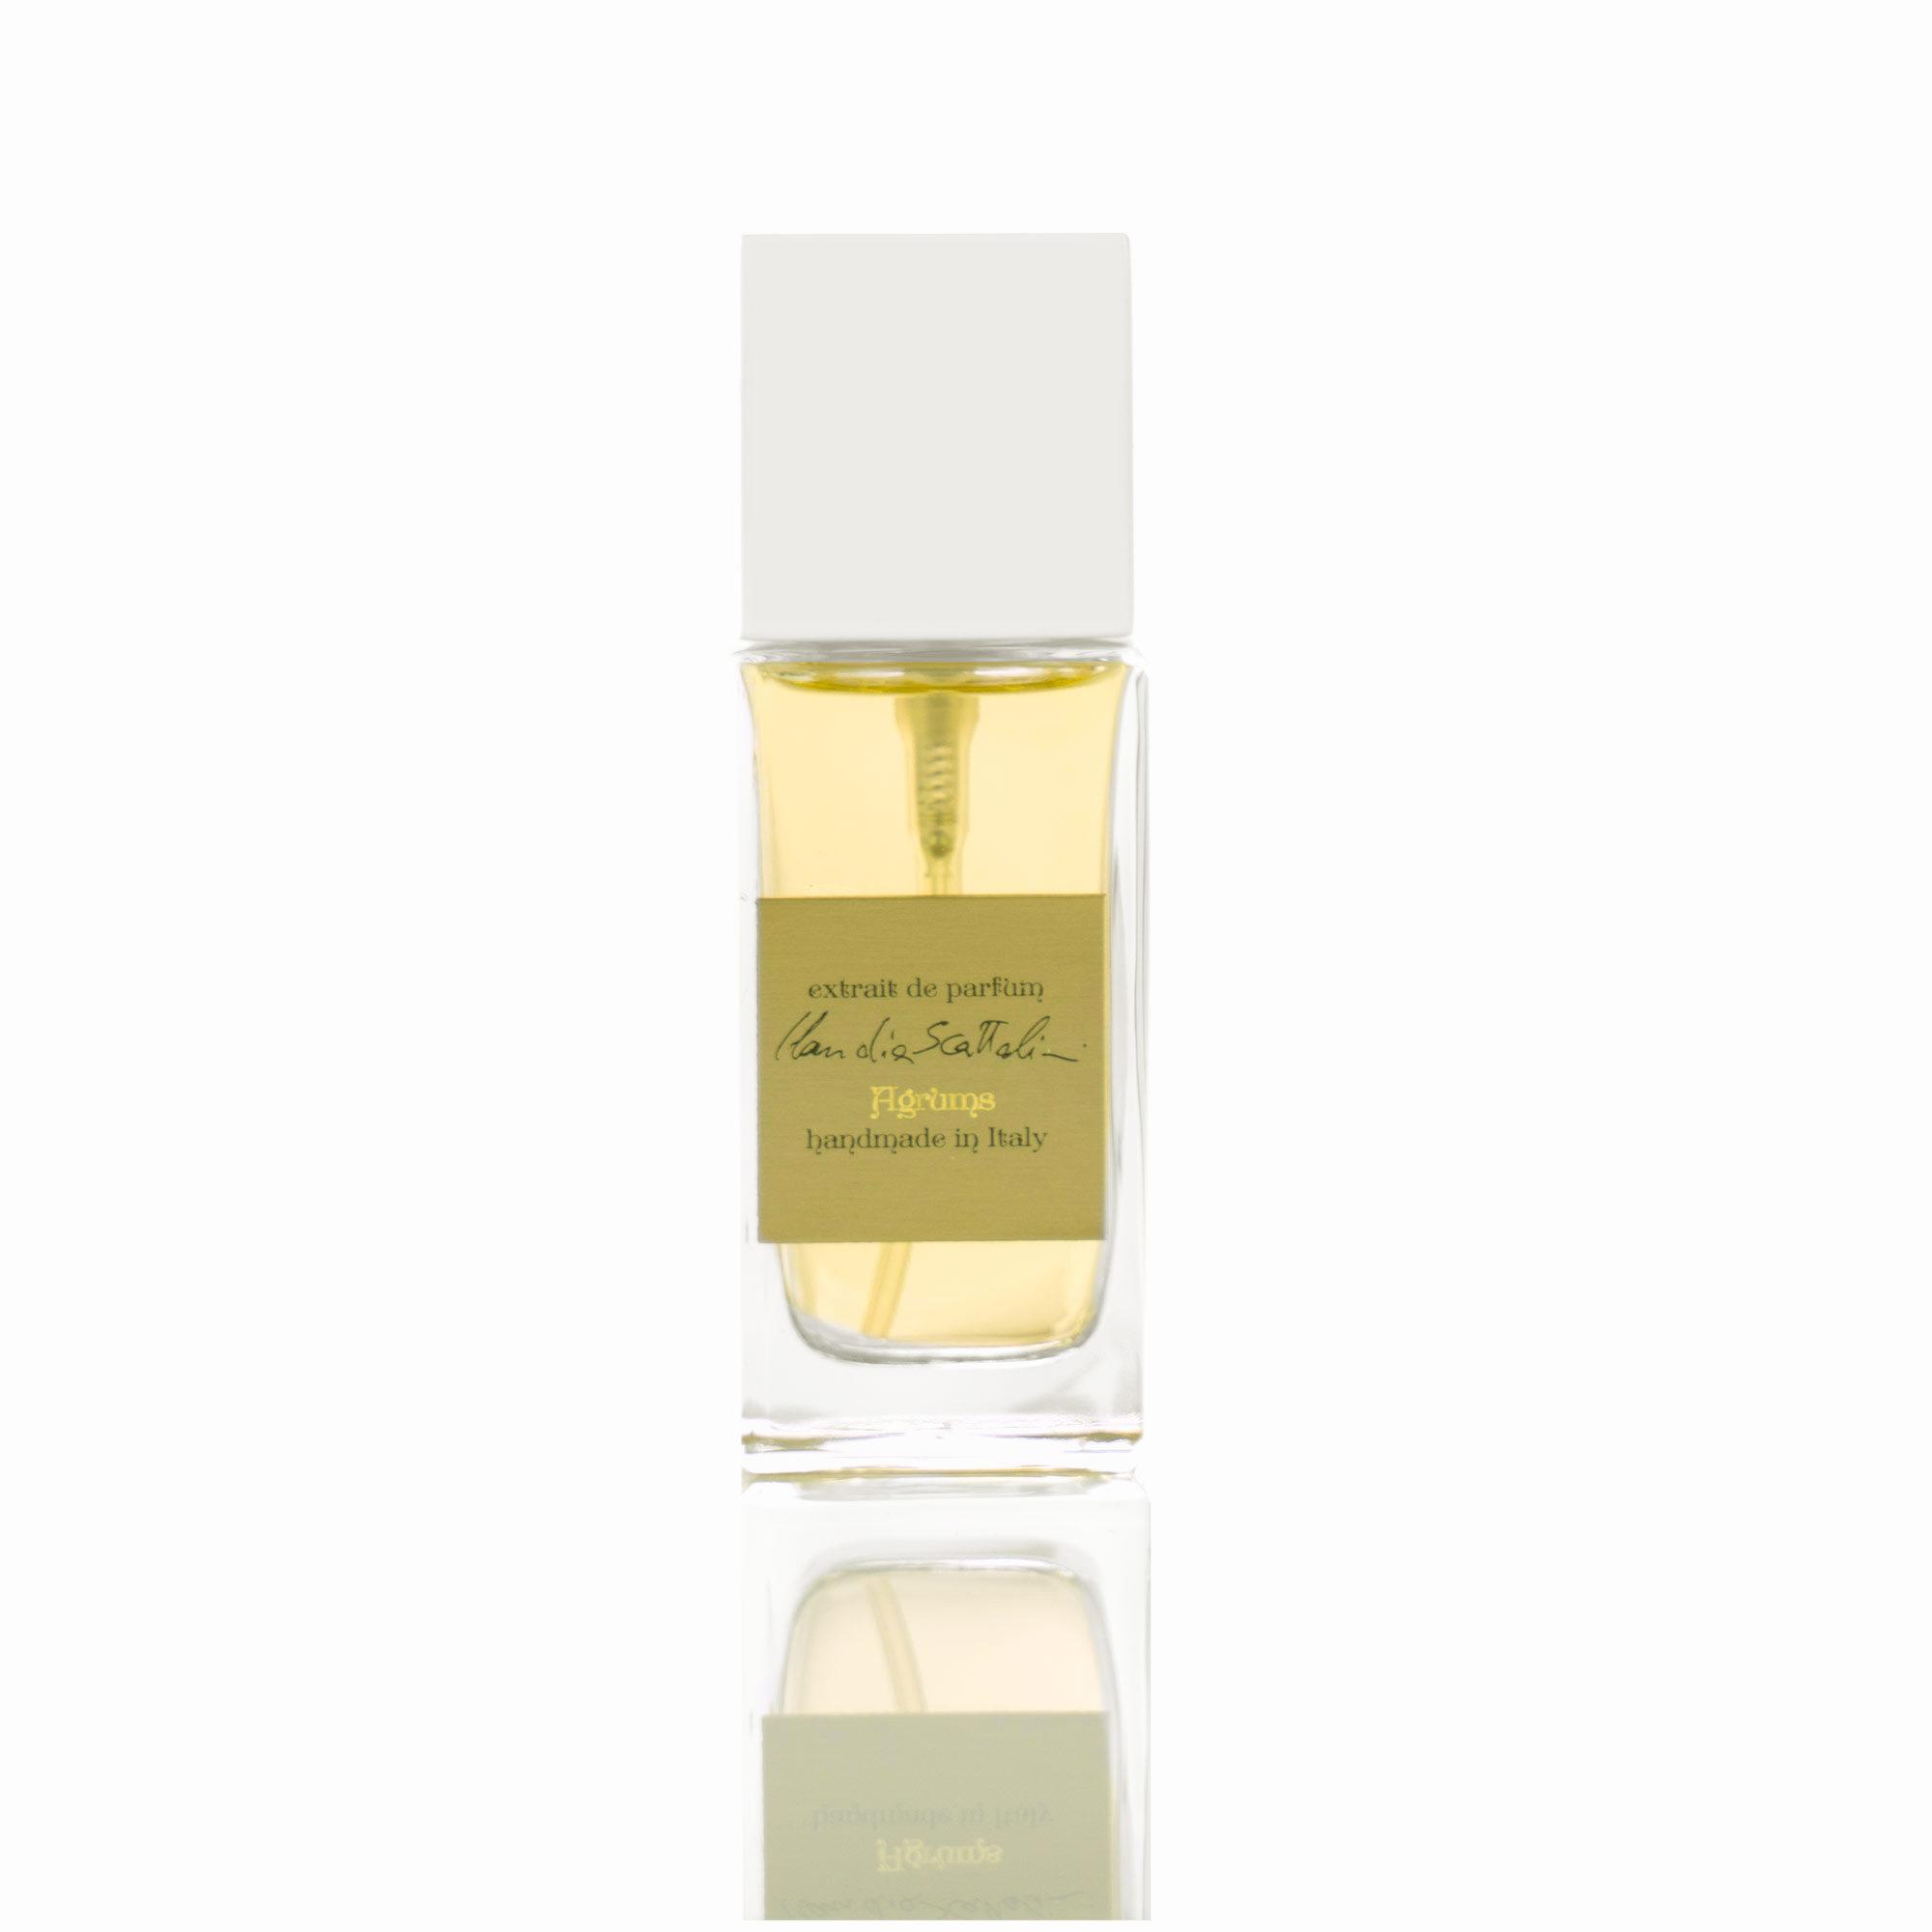 Agrums - Extrait de parfum